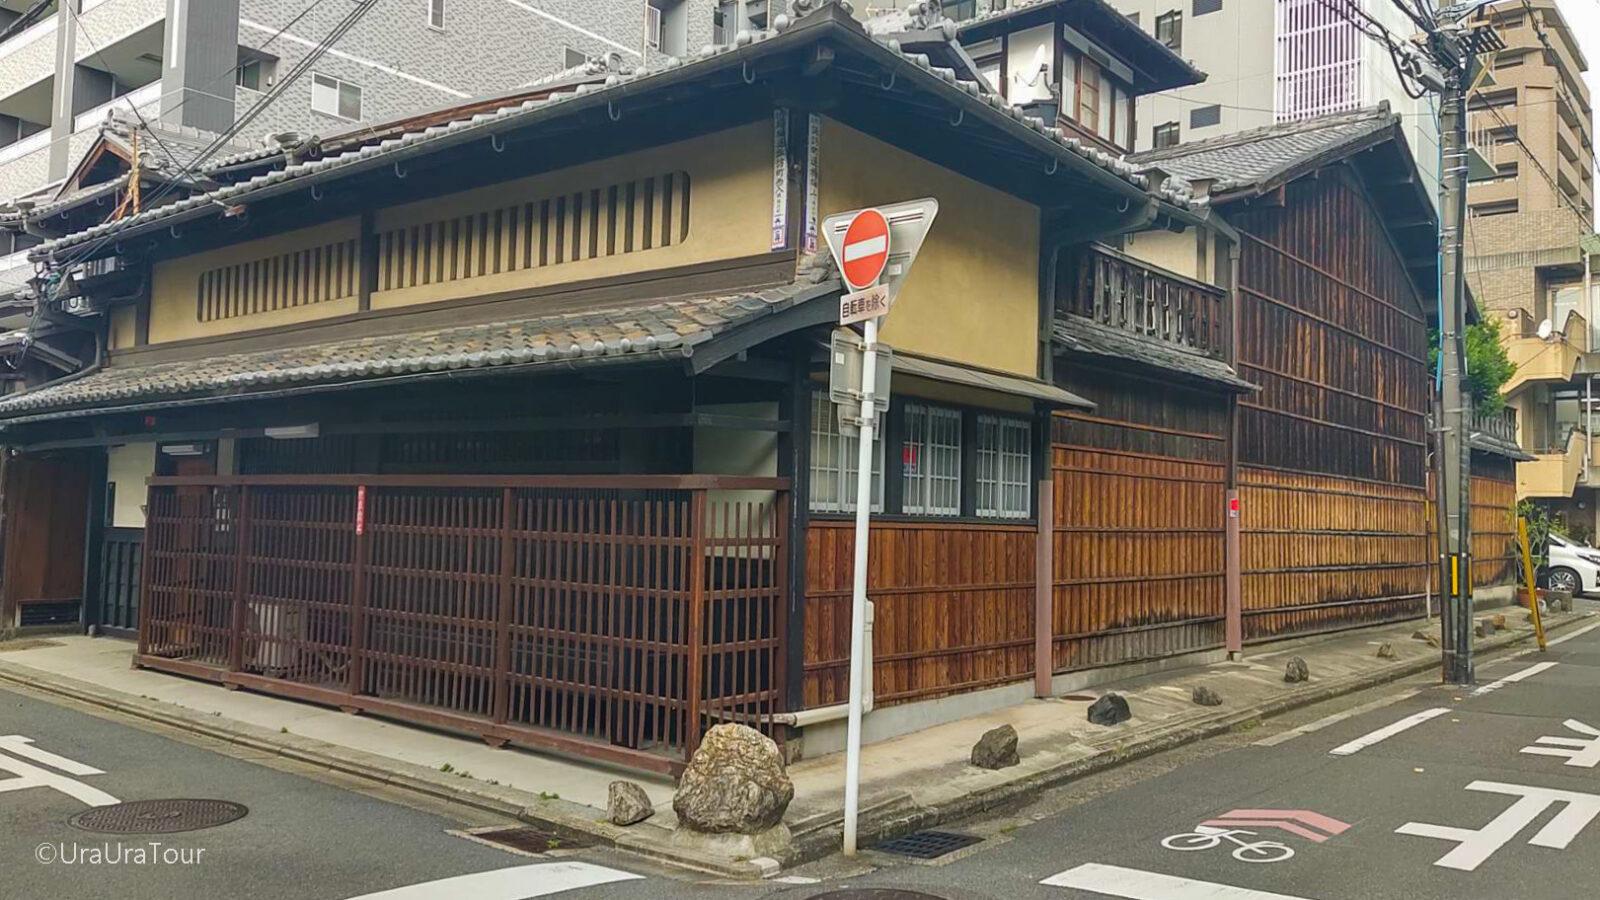 【毎日開催】京都ごばんノめ散歩♪~全60通りの街歩き!選び方はあなた次第!ようこそ、奥深い裏路地の世界へ!歩いてみれば見えてくる、新しい街の発見~